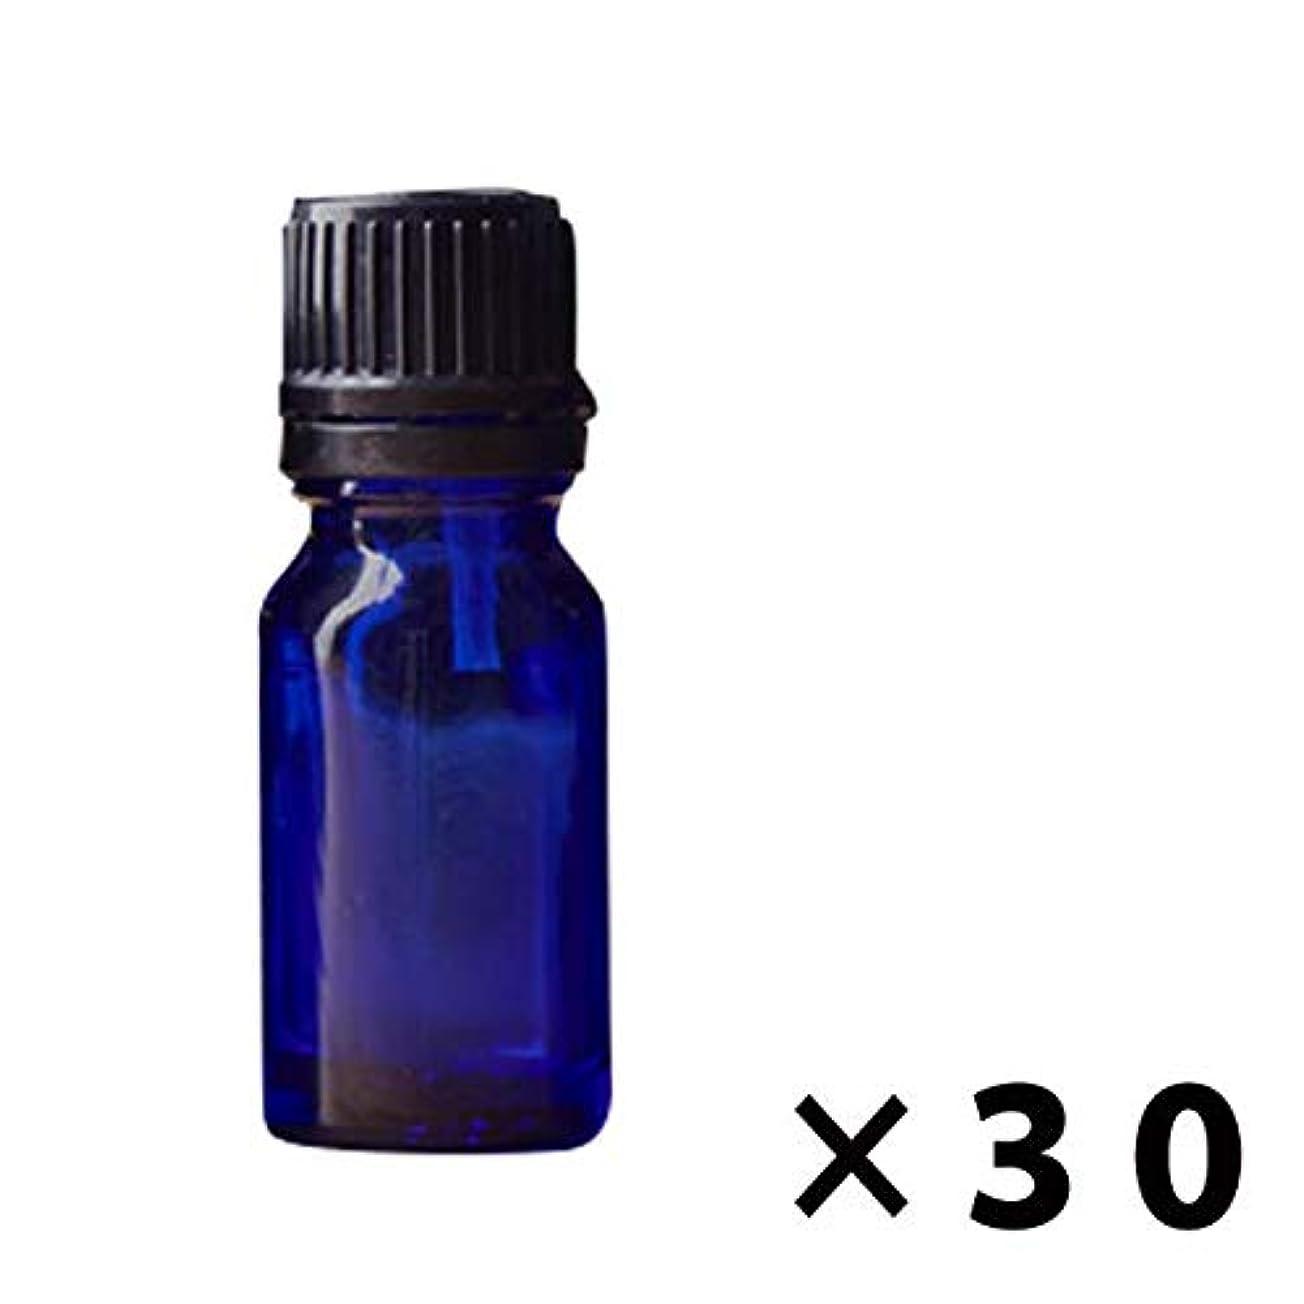 カール明示的に触覚遮光瓶 30本 アロマオイルボトル ドロッパー付き ブルー アンバー 5ml 10ml 15ml 20ml 30ml 茶色 青 ガラス瓶 アロマ 遮光ビン (ブルー, 10ml)